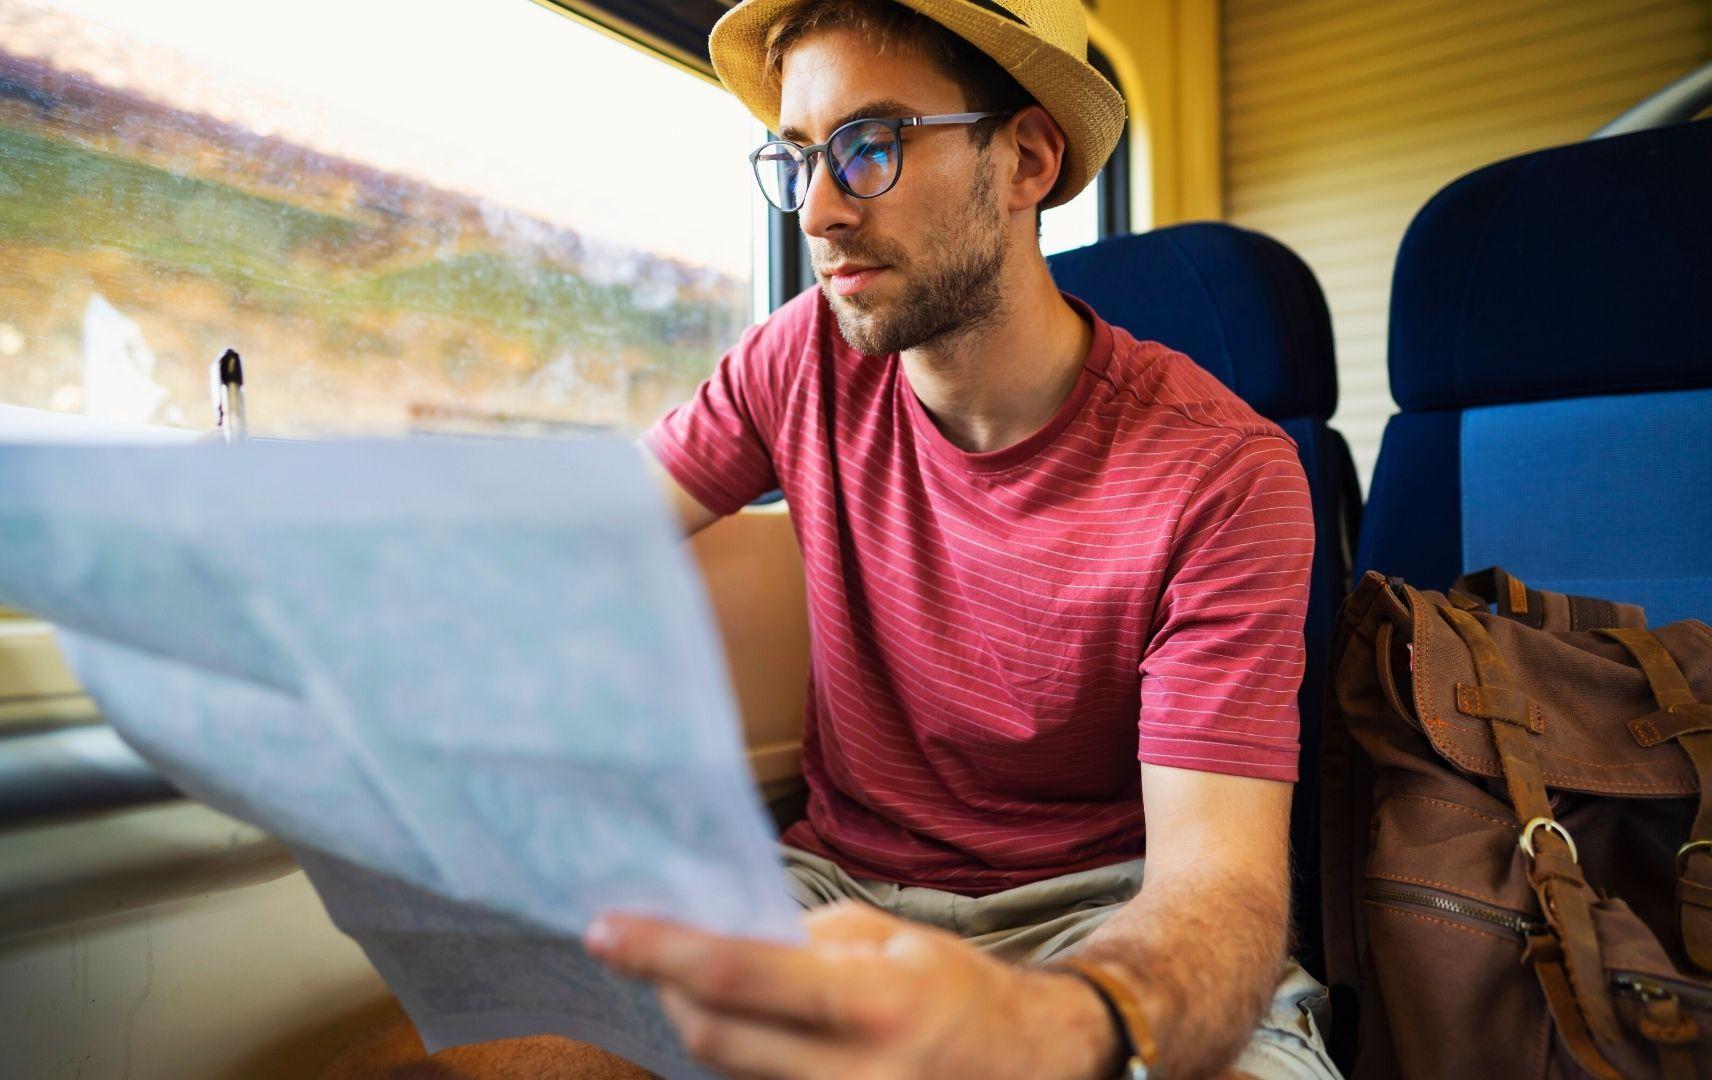 Man sitzt mit Karte in der Hand im Zug